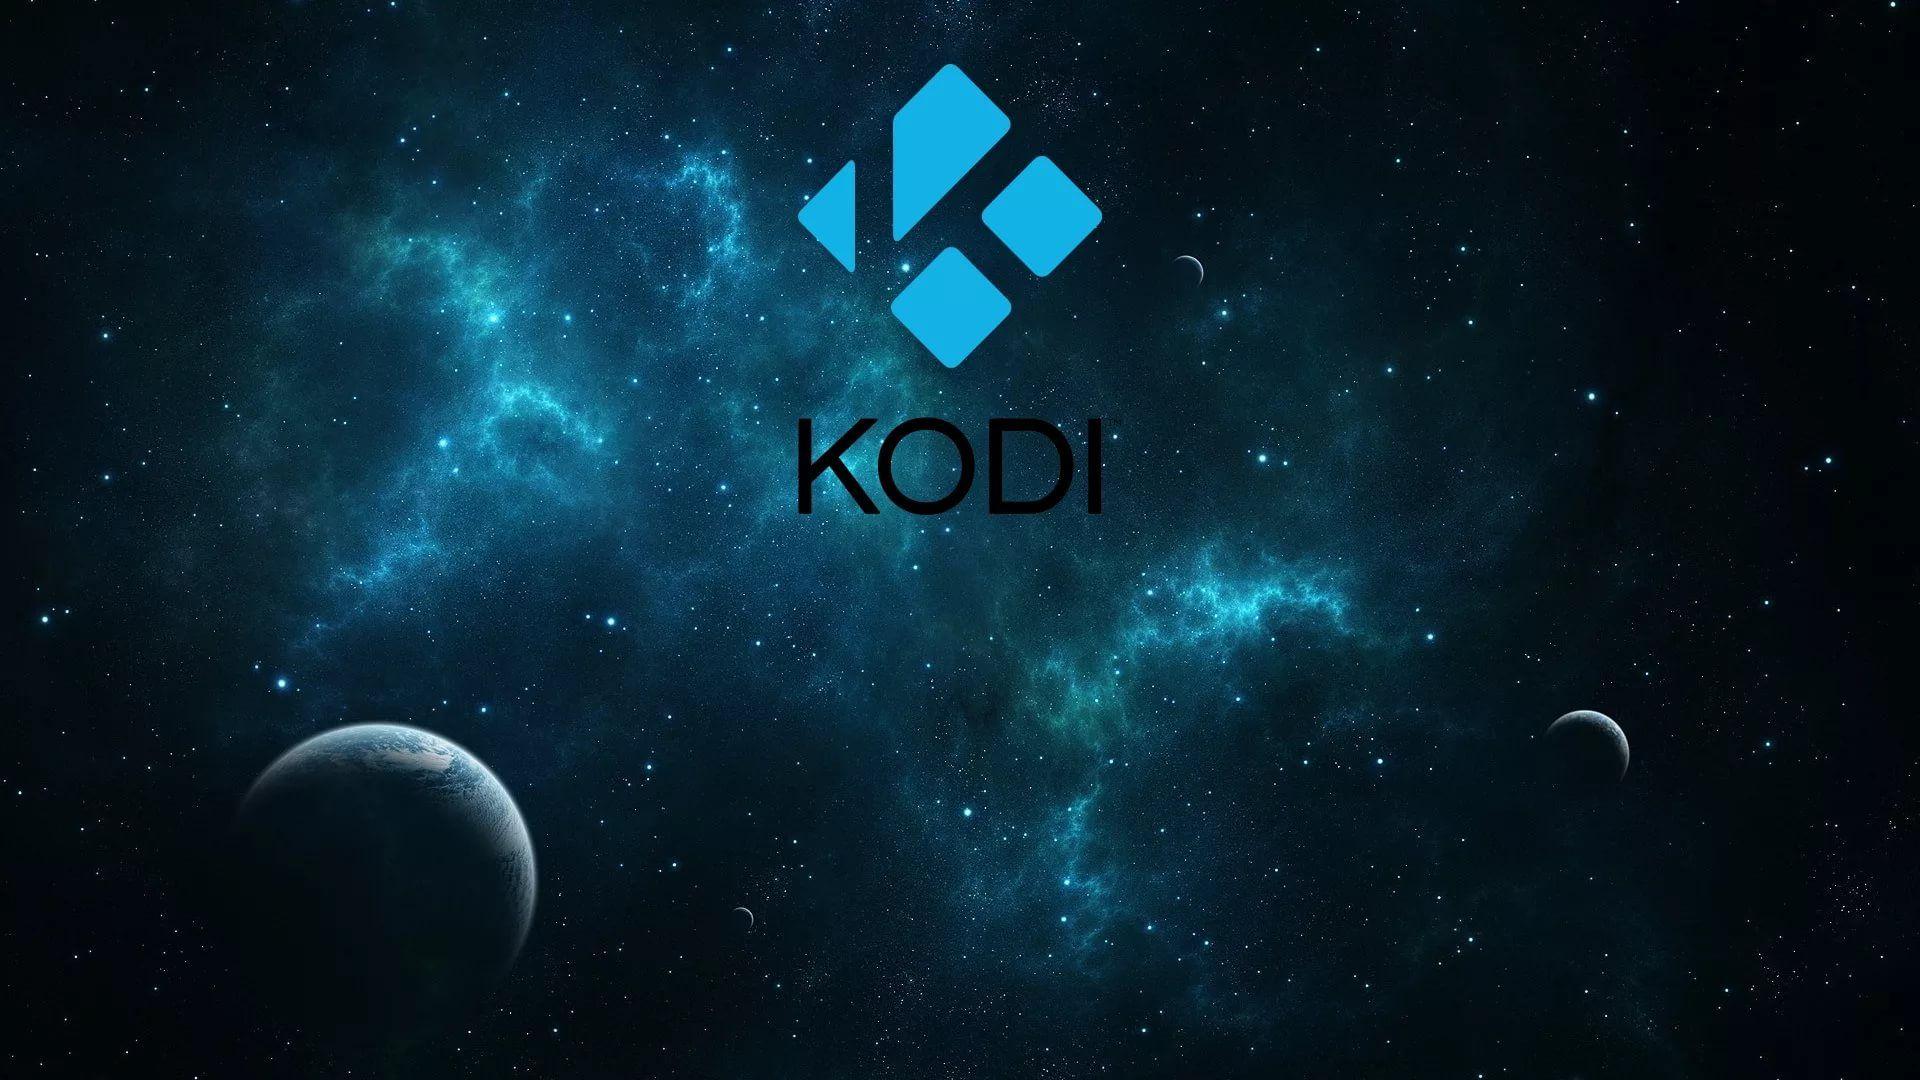 Kodi Free Wallpaper and Background